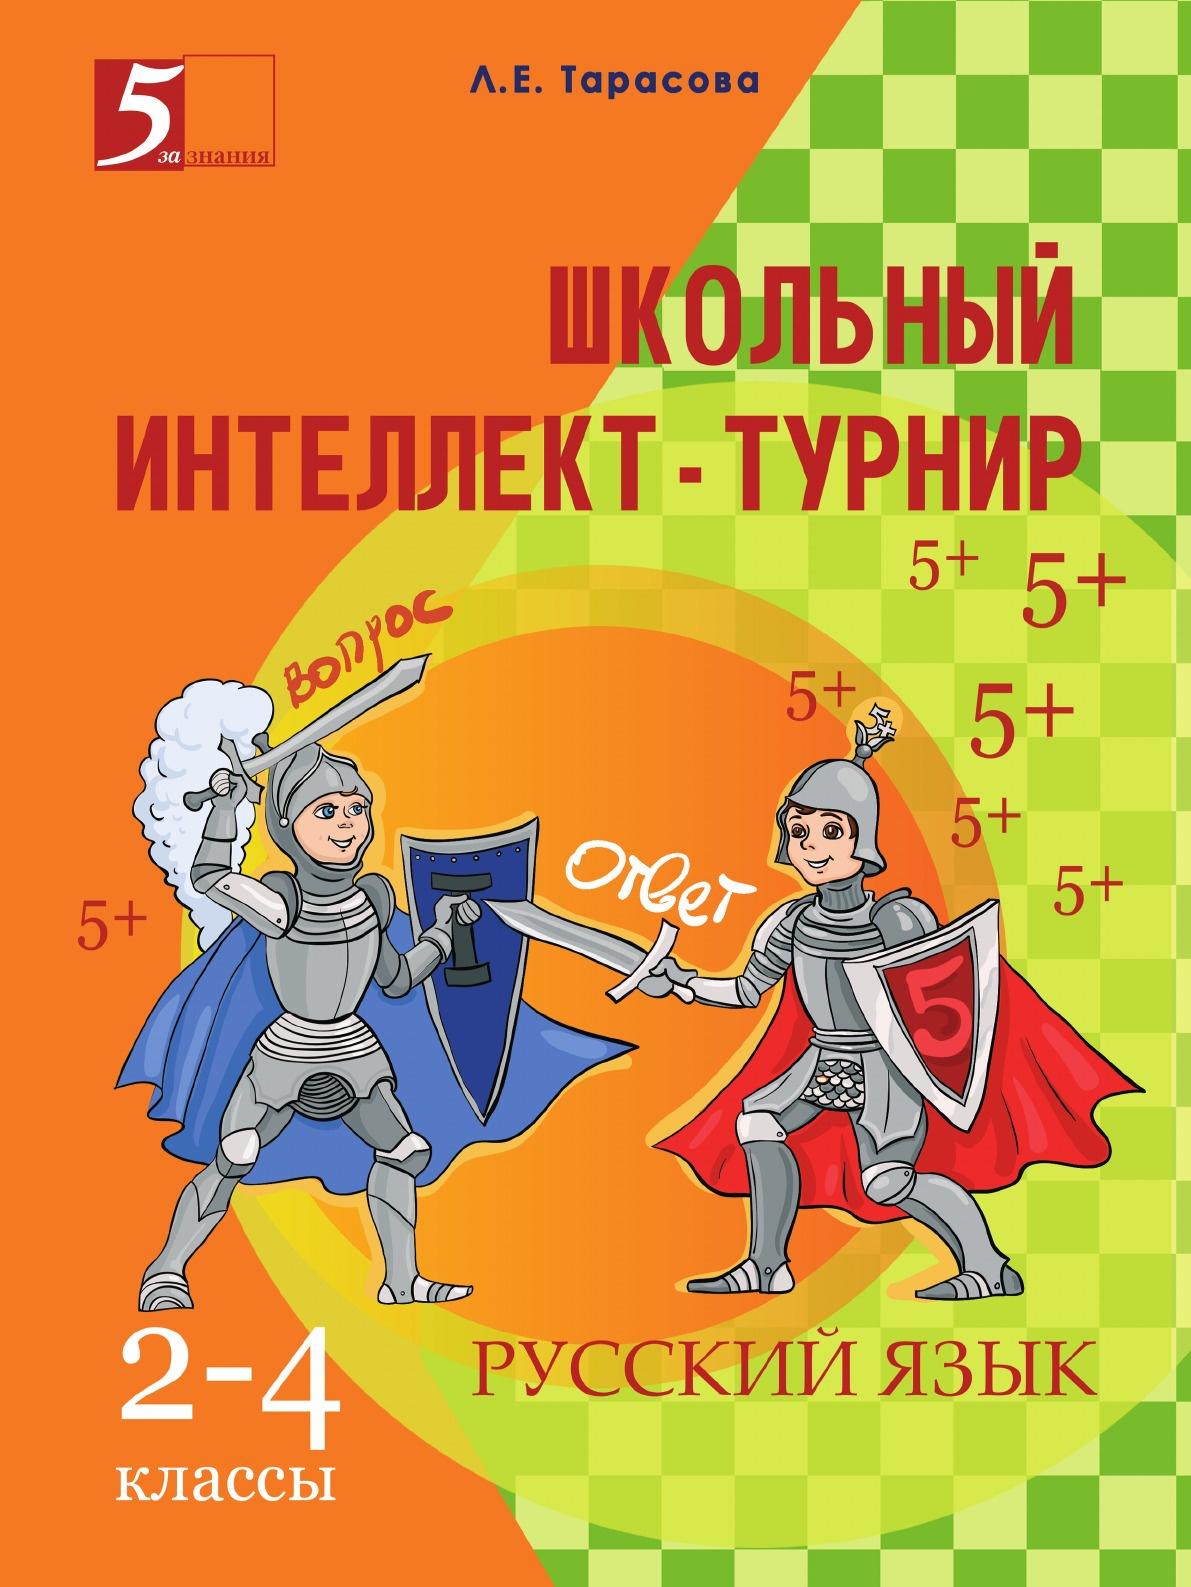 Тарасова Л.Е. Школьный интеллект-турнир по русскому языку. 2-4-й классы